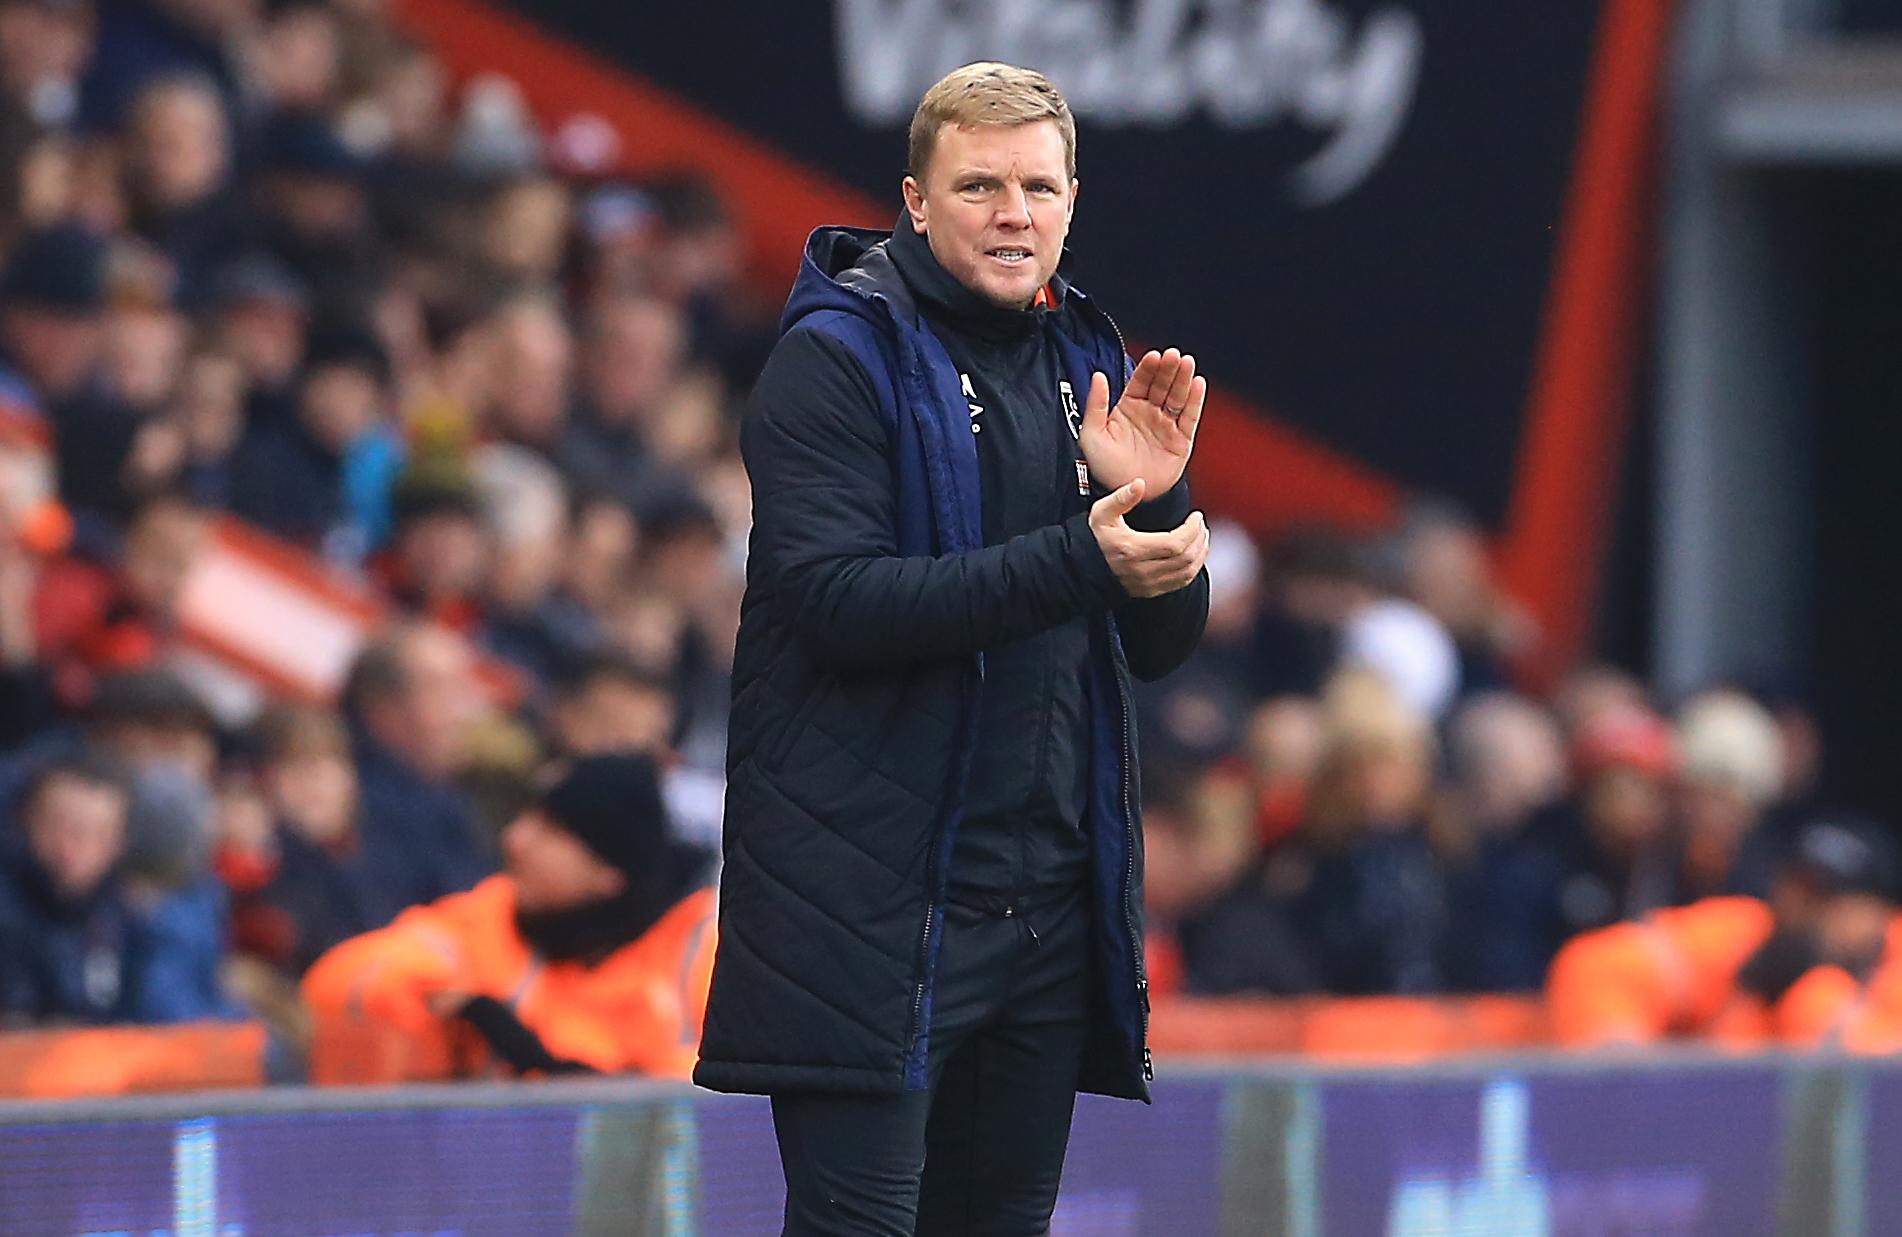 Menajer Eddie Howe, önümüzdeki sezon da Bournemouth'un en önemli güçlerinden biri olacak.